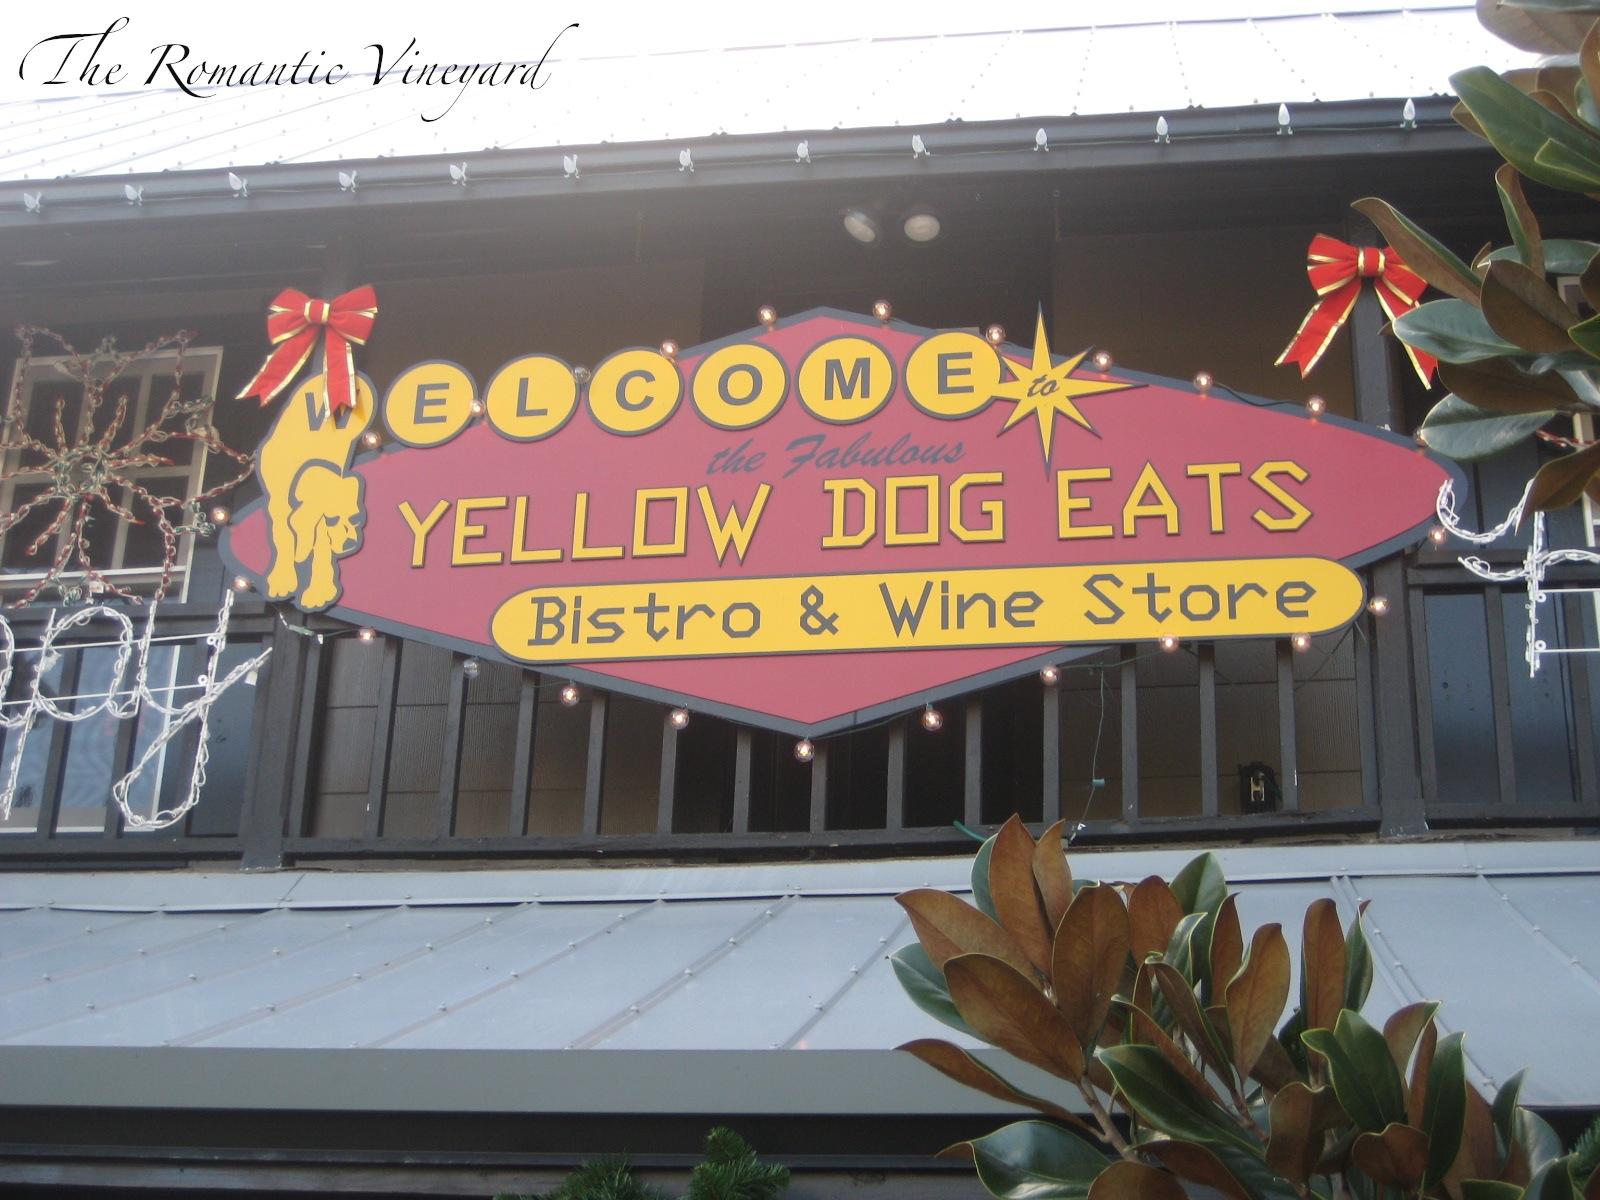 Yellow Dog Eats Reviews